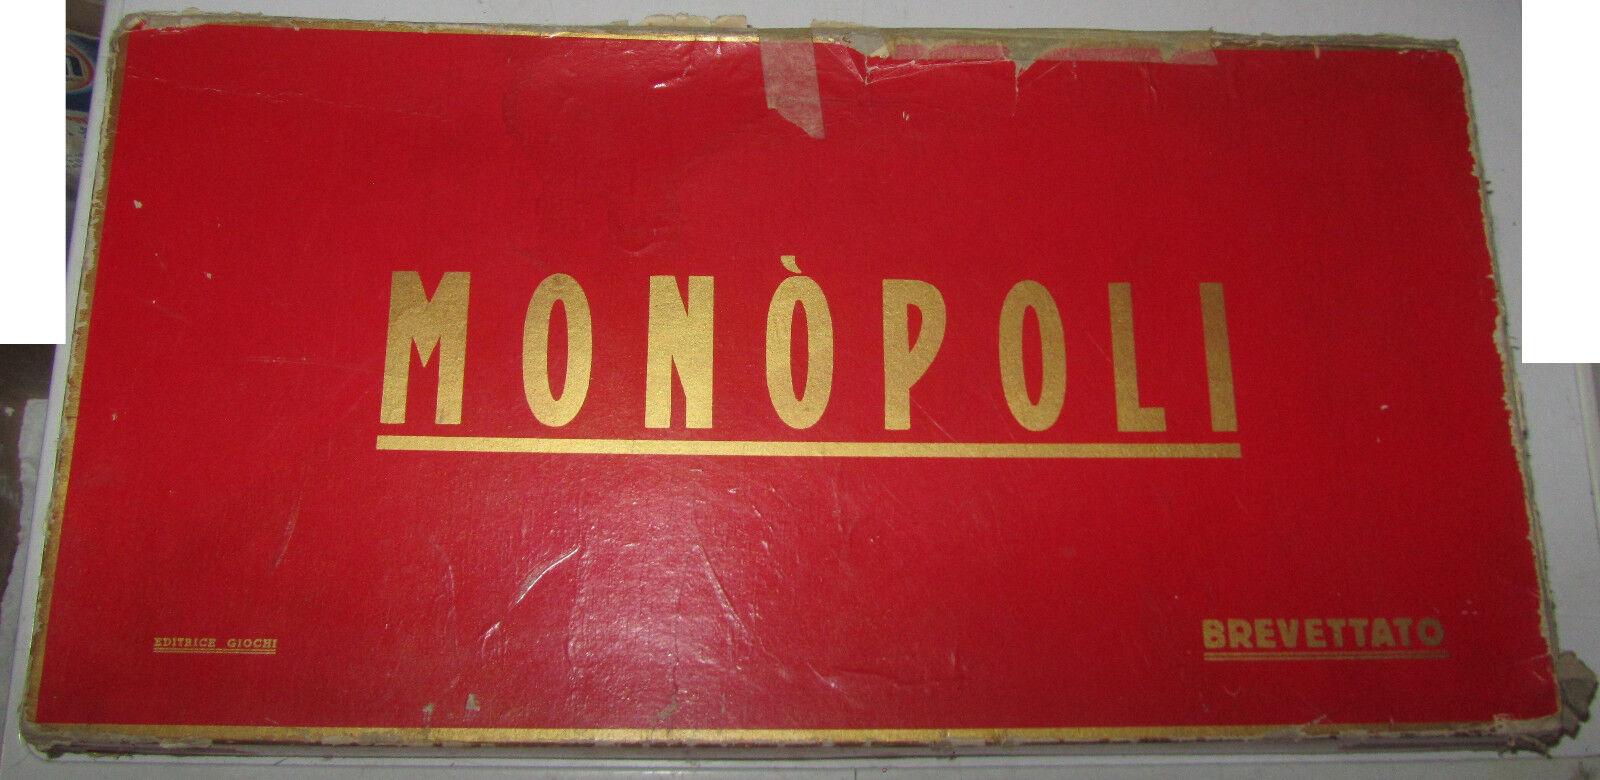 Ultimo 2018 Monopoli Rettangolare Rosso Brevettato Completo vintage vintage vintage SPESE GRATIS  con il 100% di qualità e il 100% di servizio